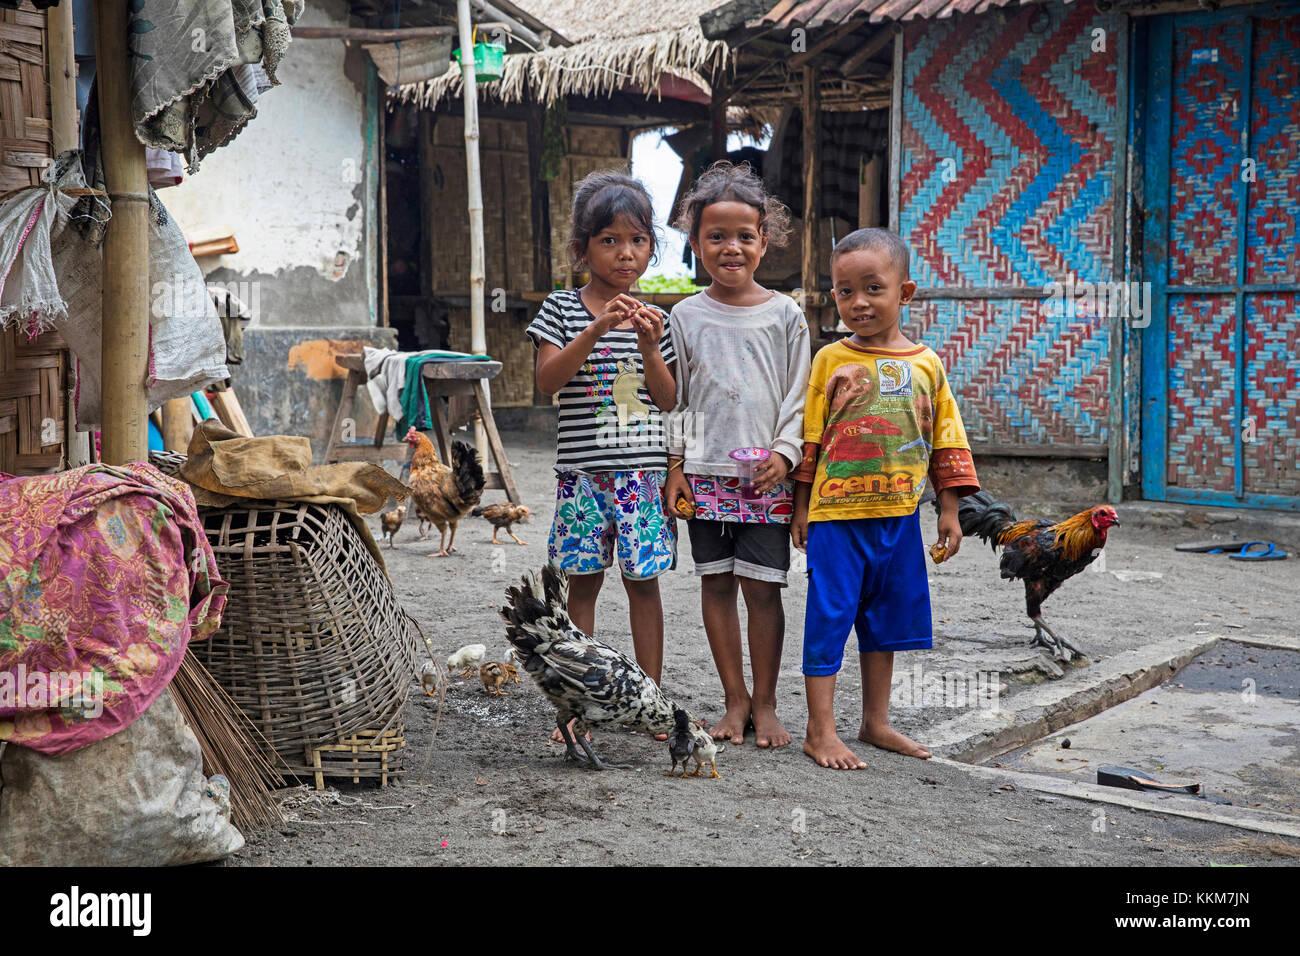 Indonesische Kinder mit Hühnern in einem kleinen Fischerdorf mit Bambus Häuser auf der Insel Lombok, Indonesien Stockbild